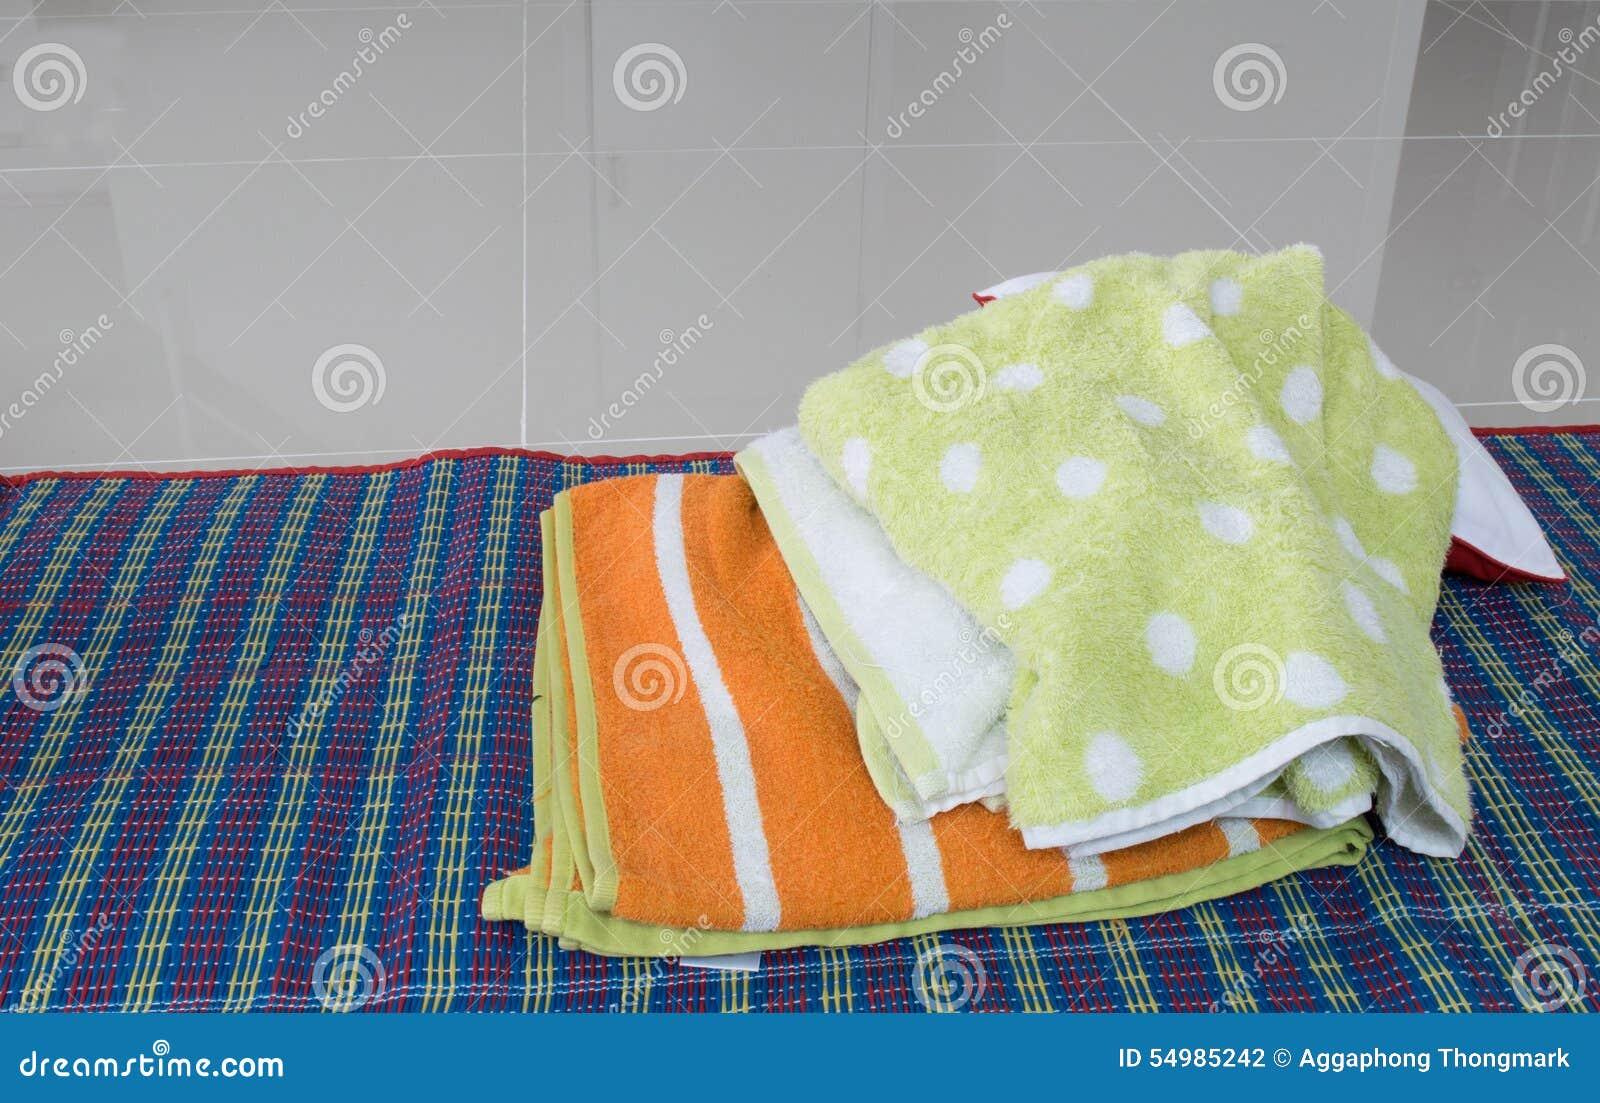 Färgrik handduk